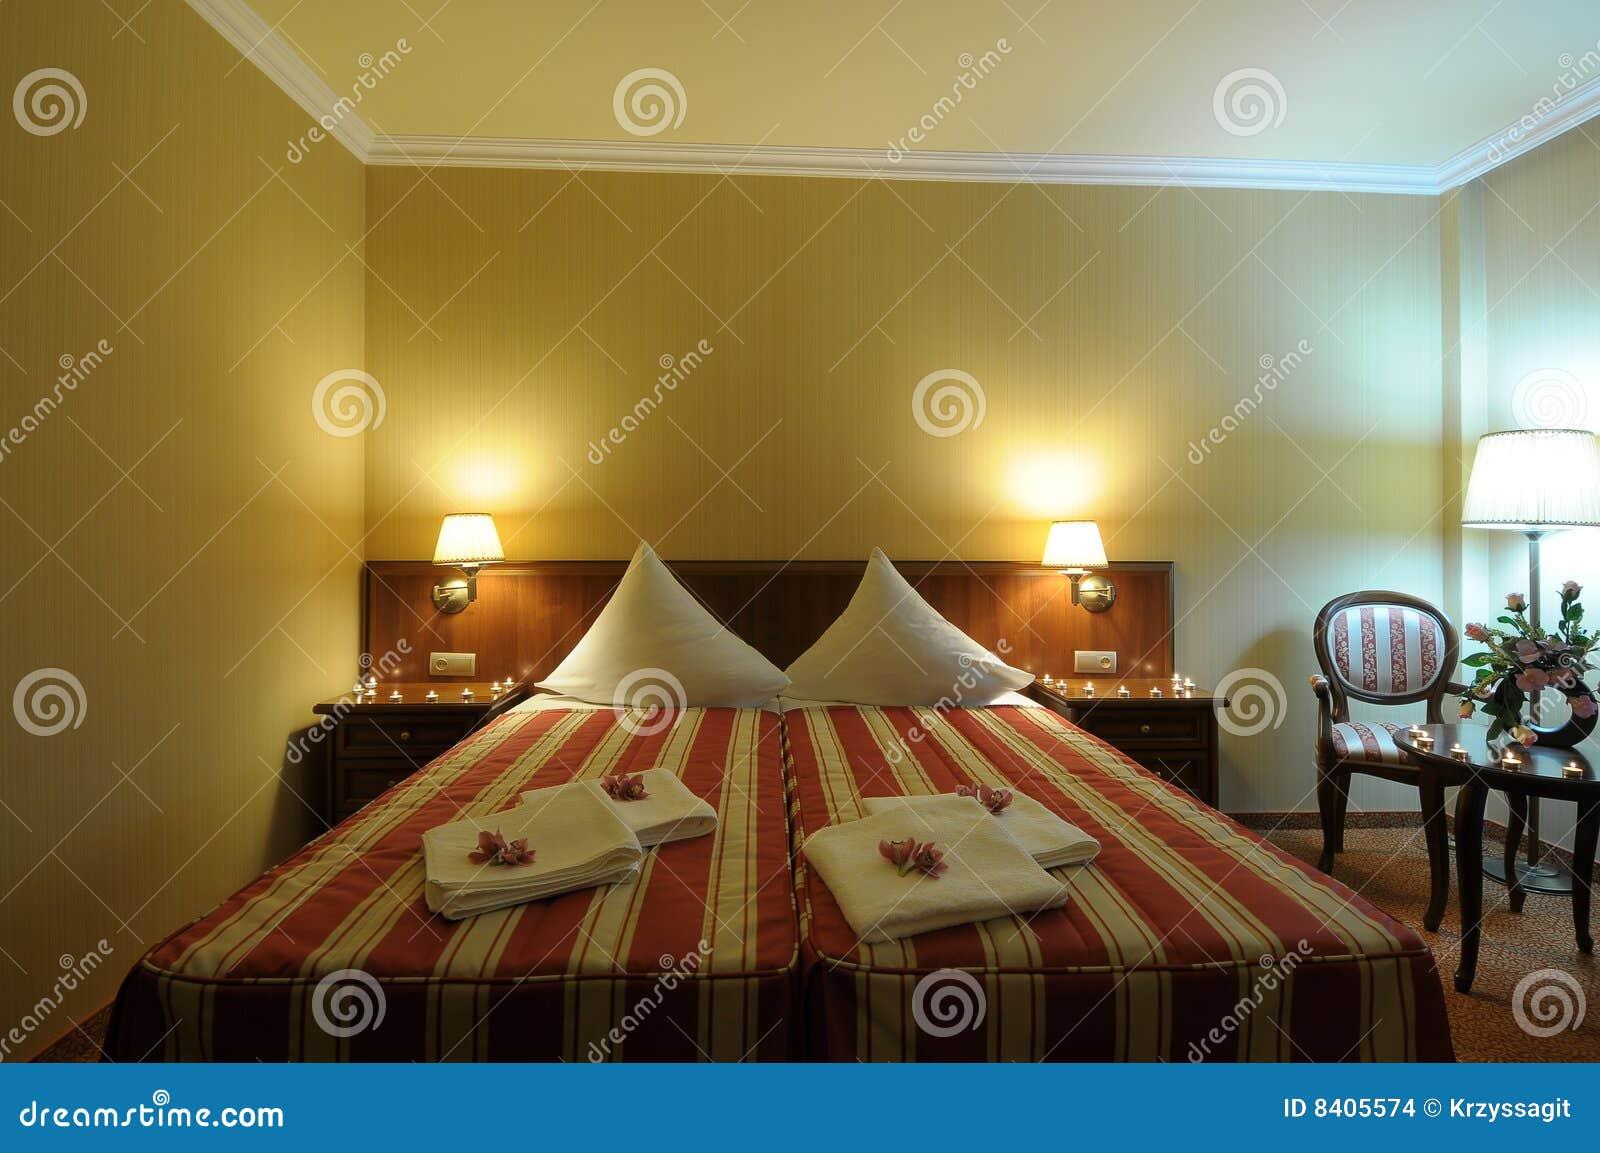 De zaal van het hotel stock afbeeldingen afbeelding 8405574 - Versiering van de zaal van het tienermeisje van ...